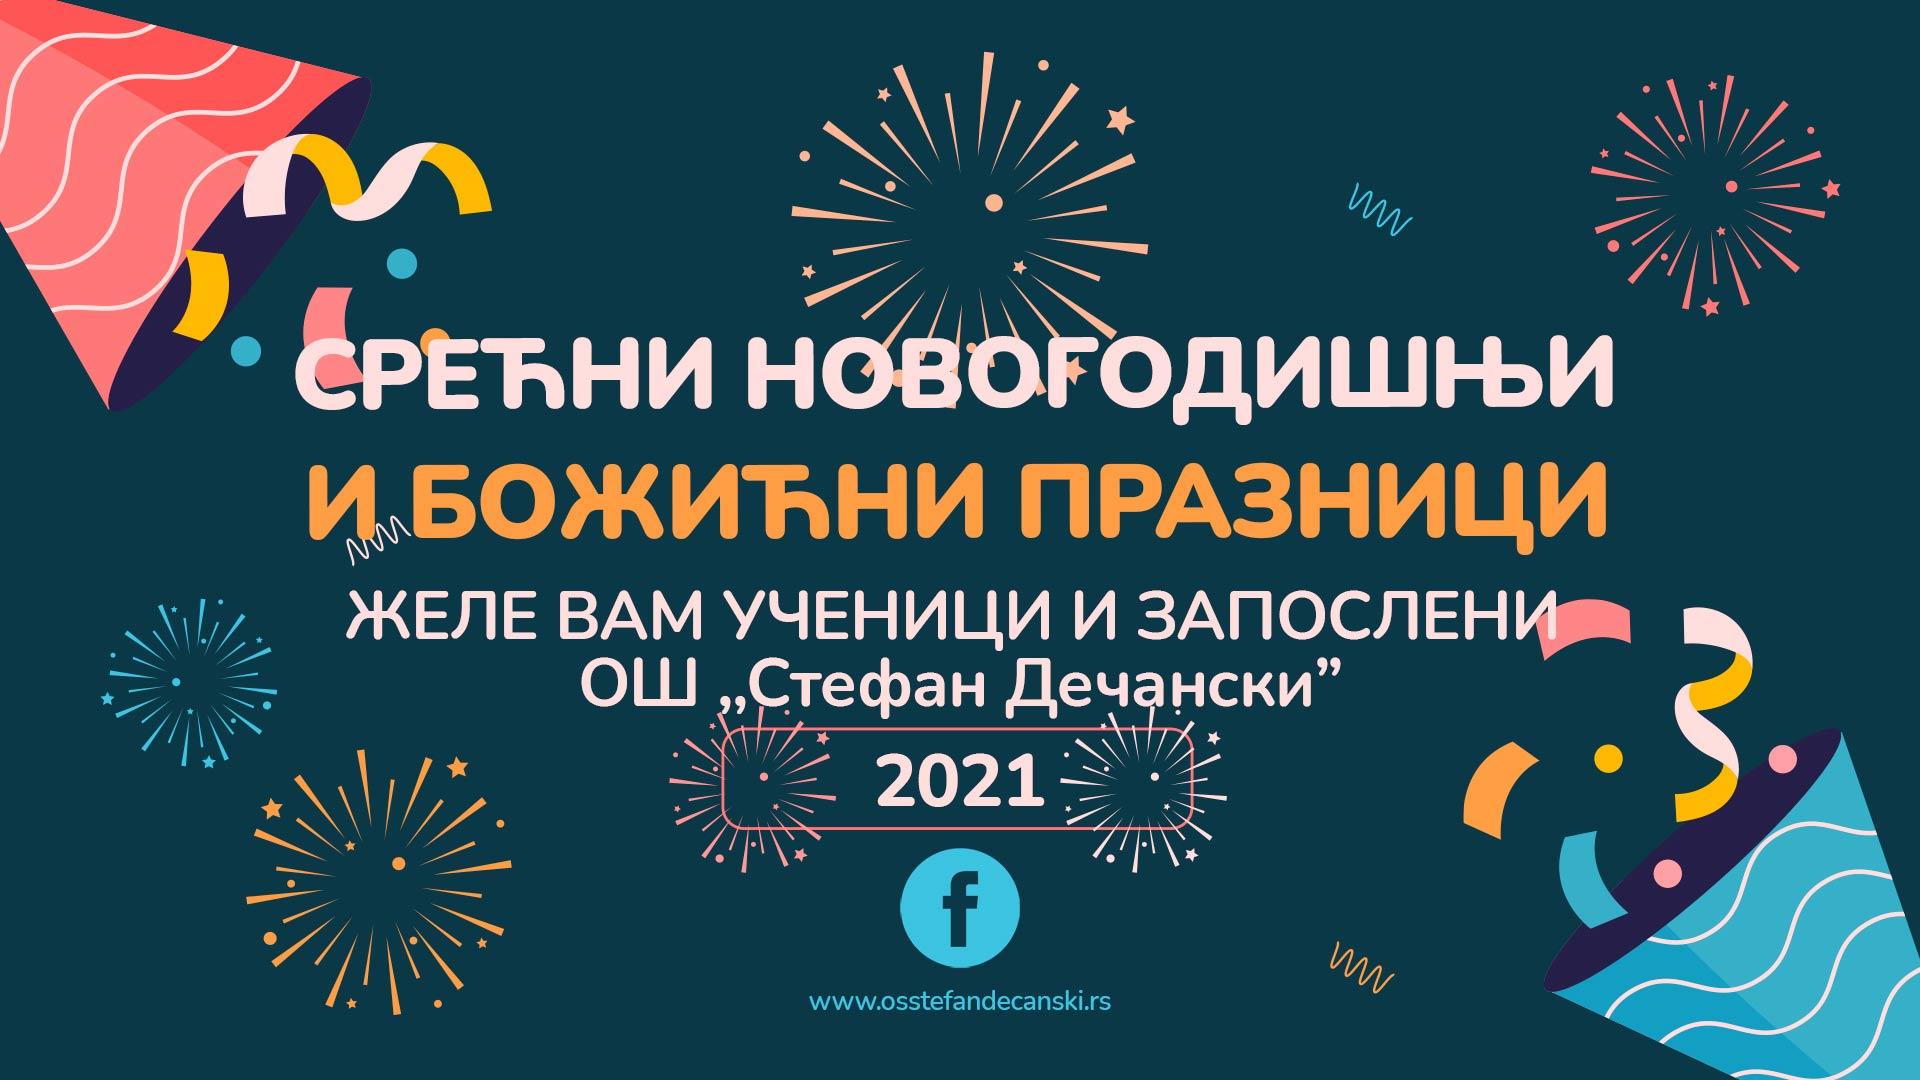 СТЕФАН-ДЕЧАНСКИ-optimizovano